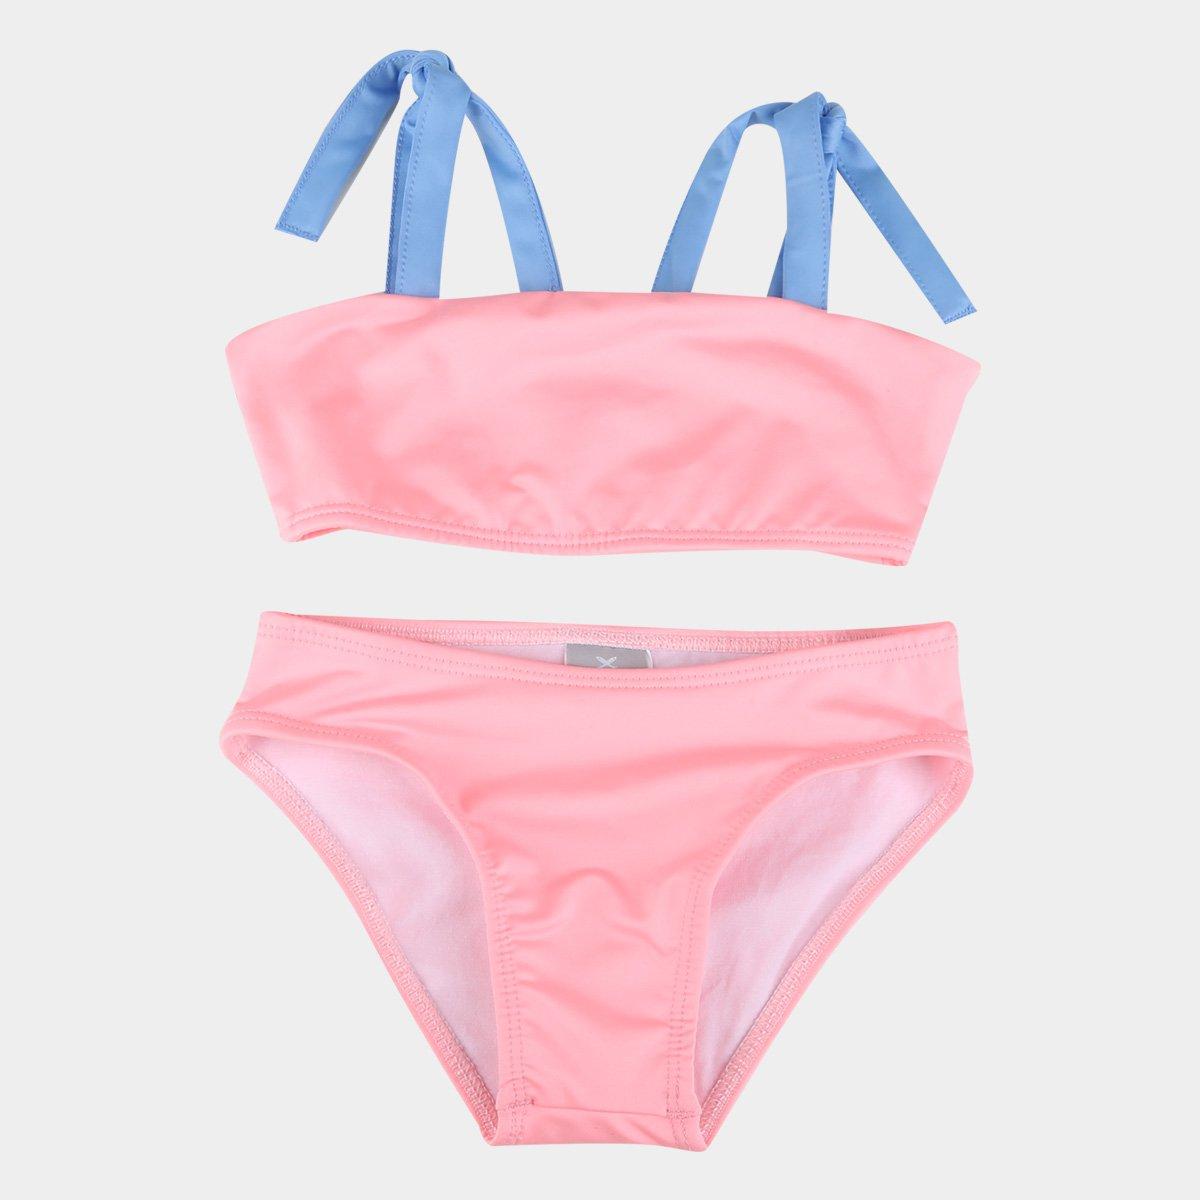 Biquíni Hering com proteção UV 50+ rosa